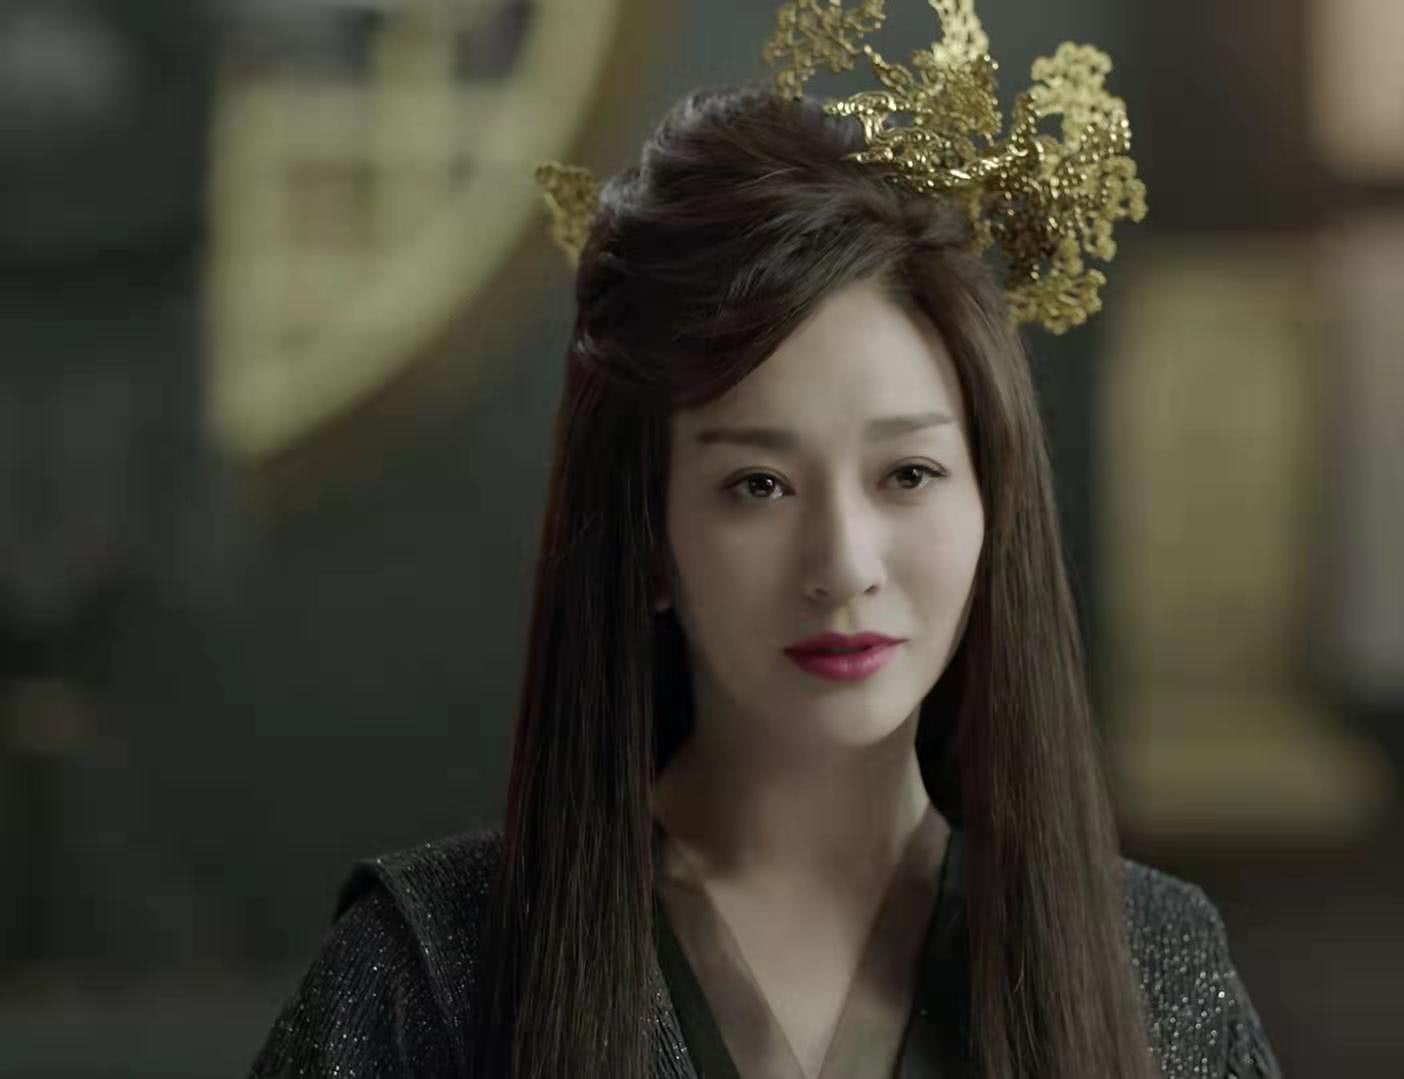 长公主由爱生恨,和庆帝父子三人关系非同一般,并非你想的那么简单!